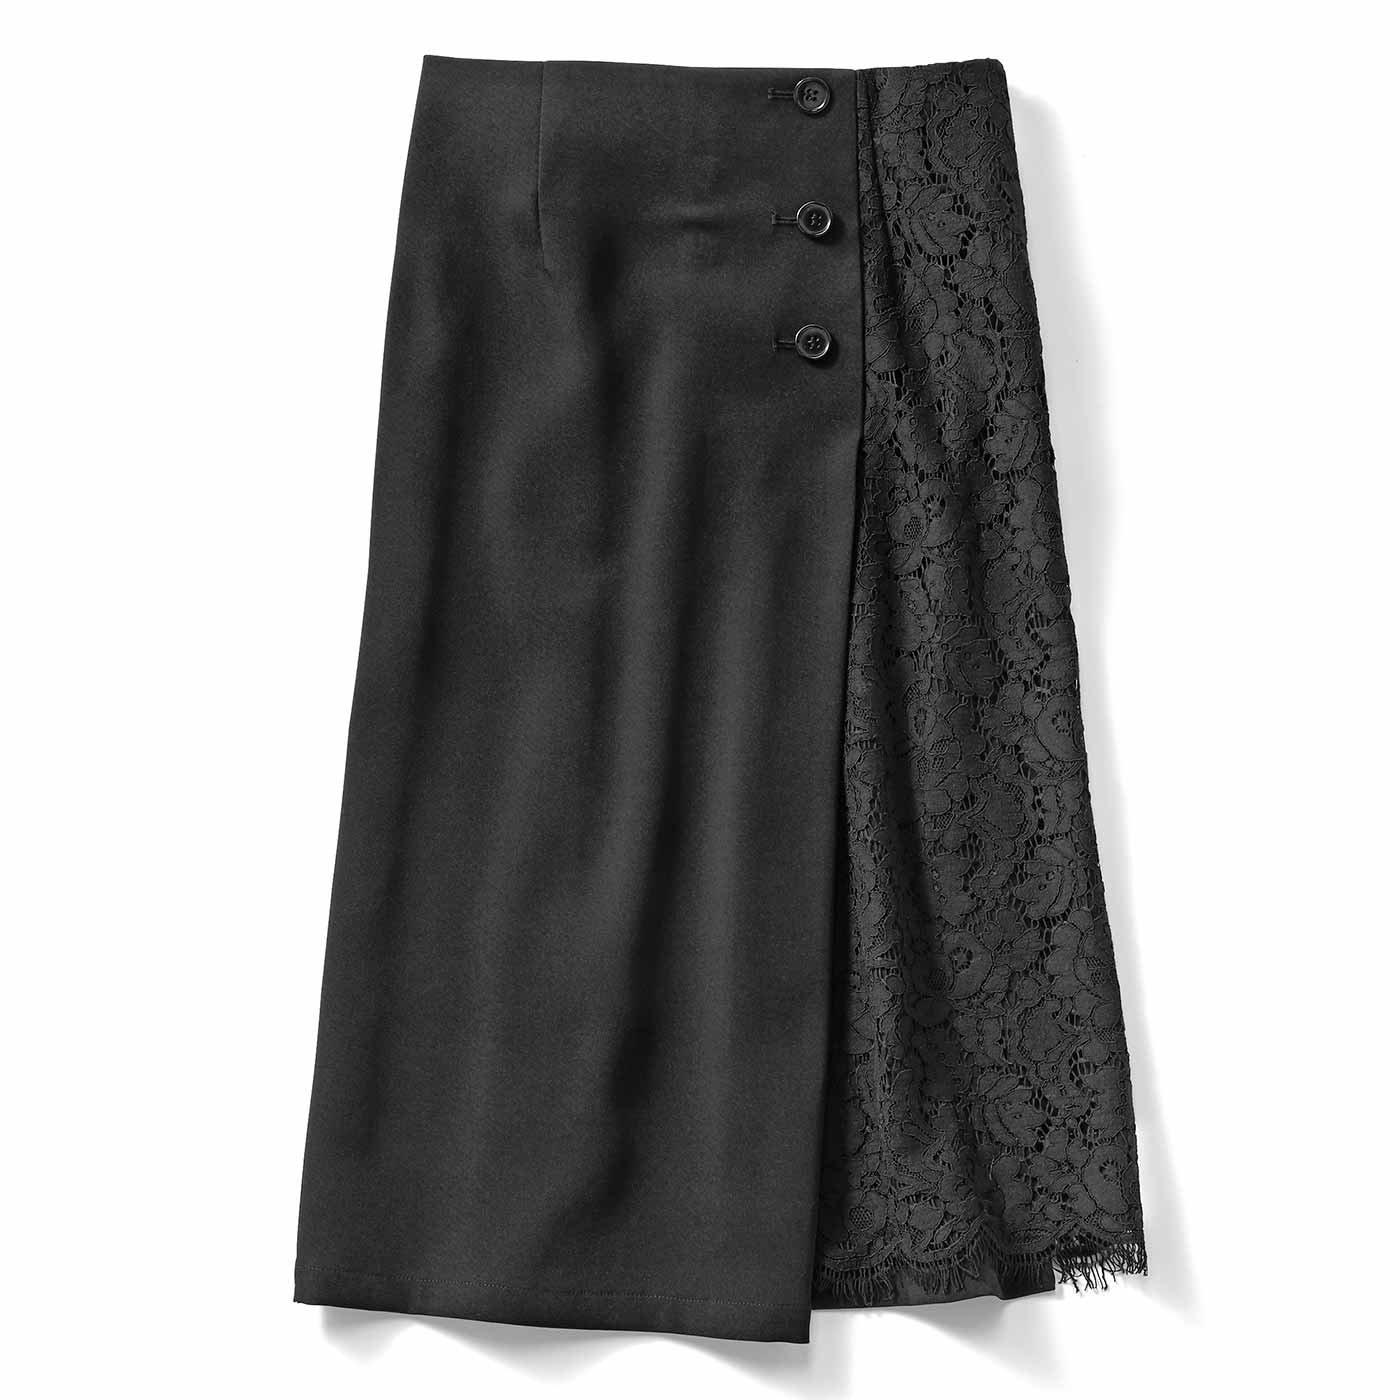 IEDIT[イディット] サイドレースが上品に華やぐ 伸びやかなストレッチスカート〈ブラック〉